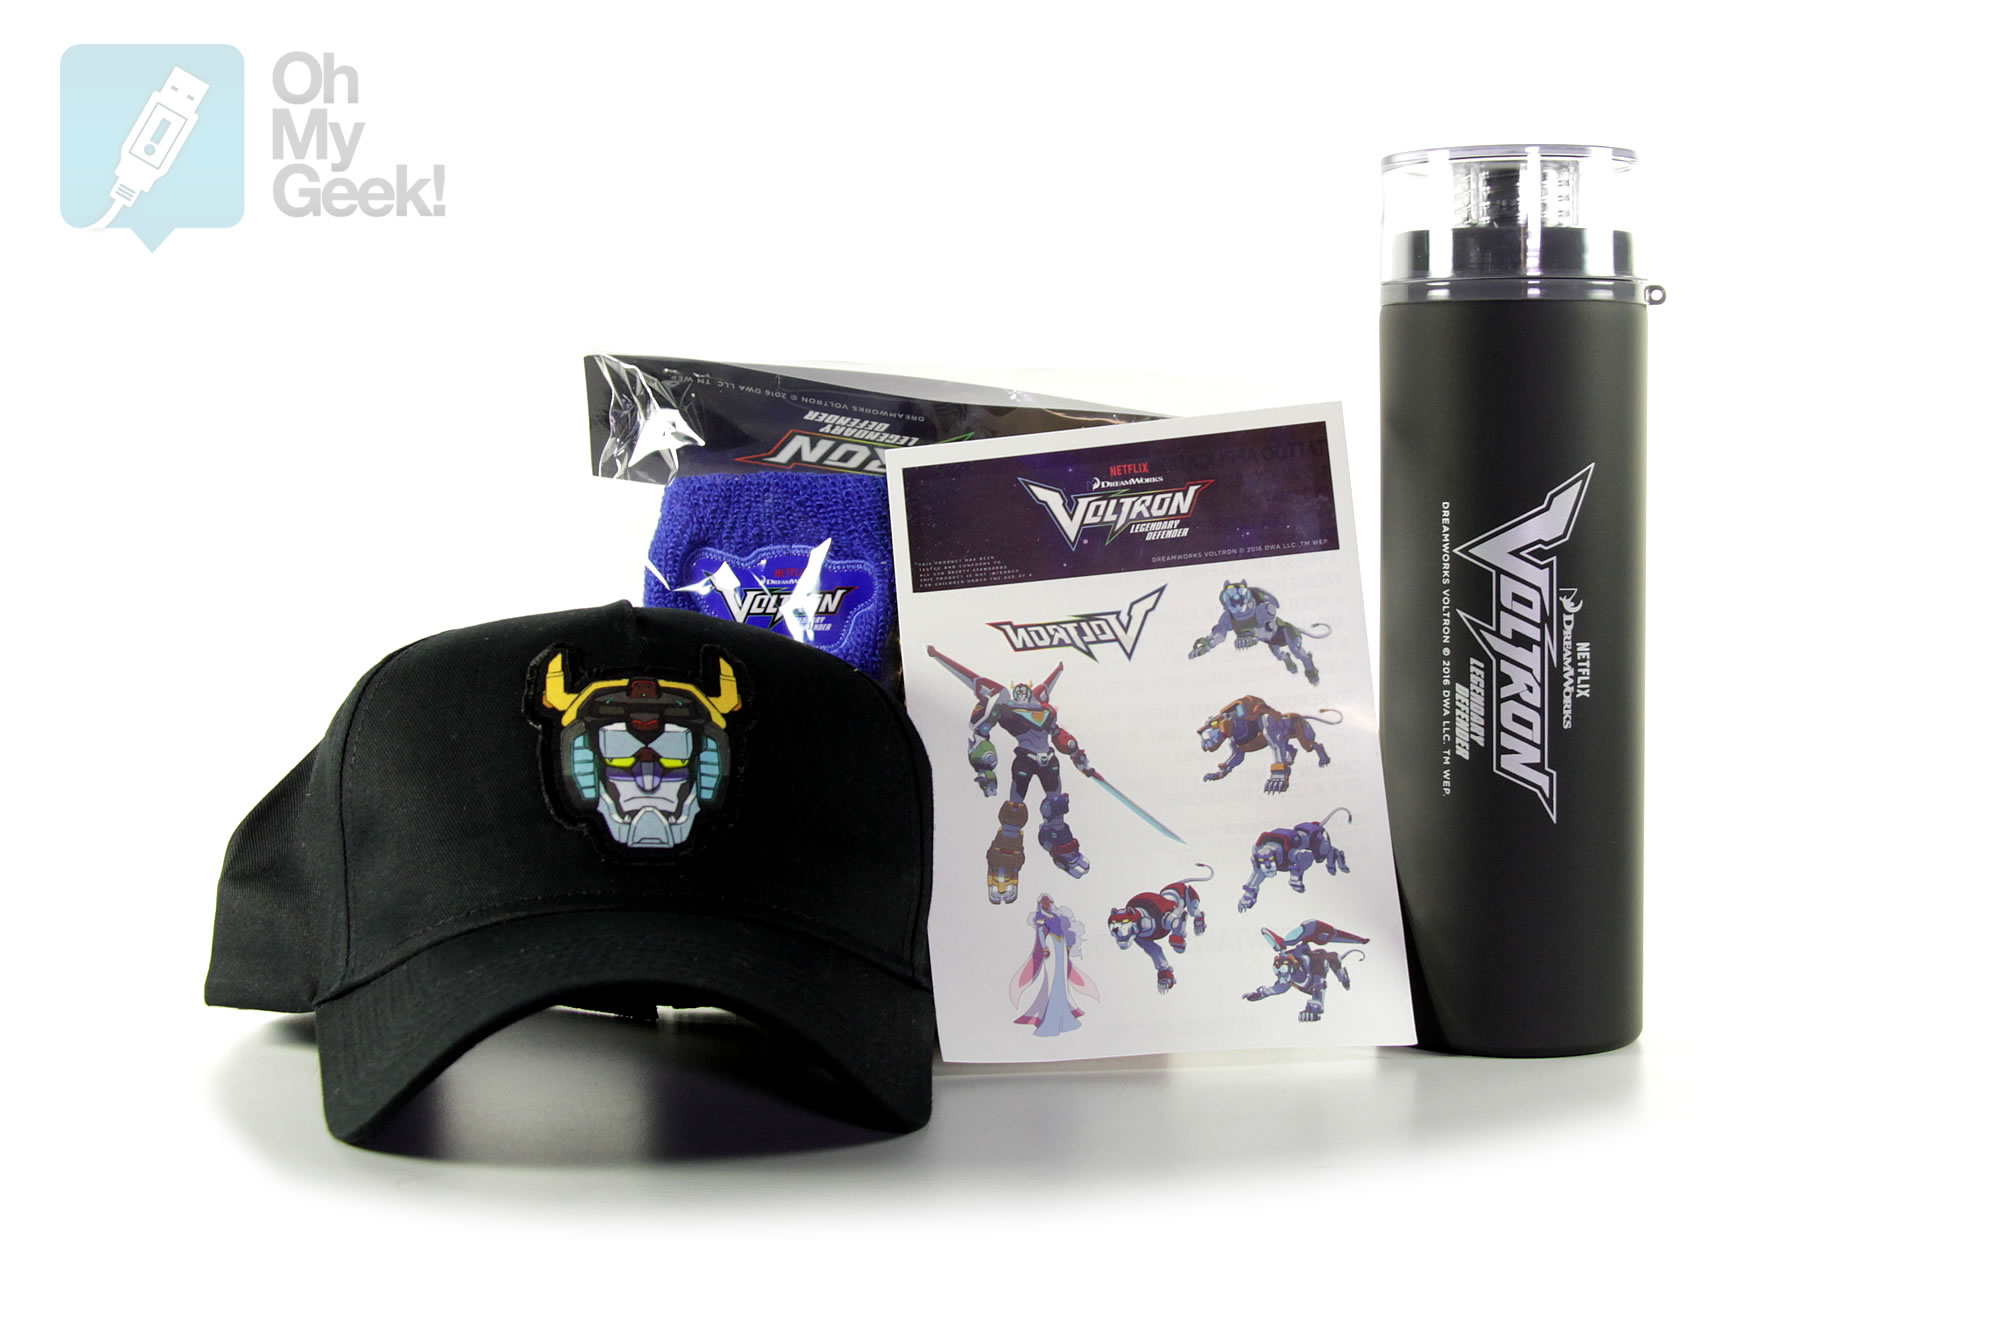 Kit de Voltron: El Defensor Legendario.